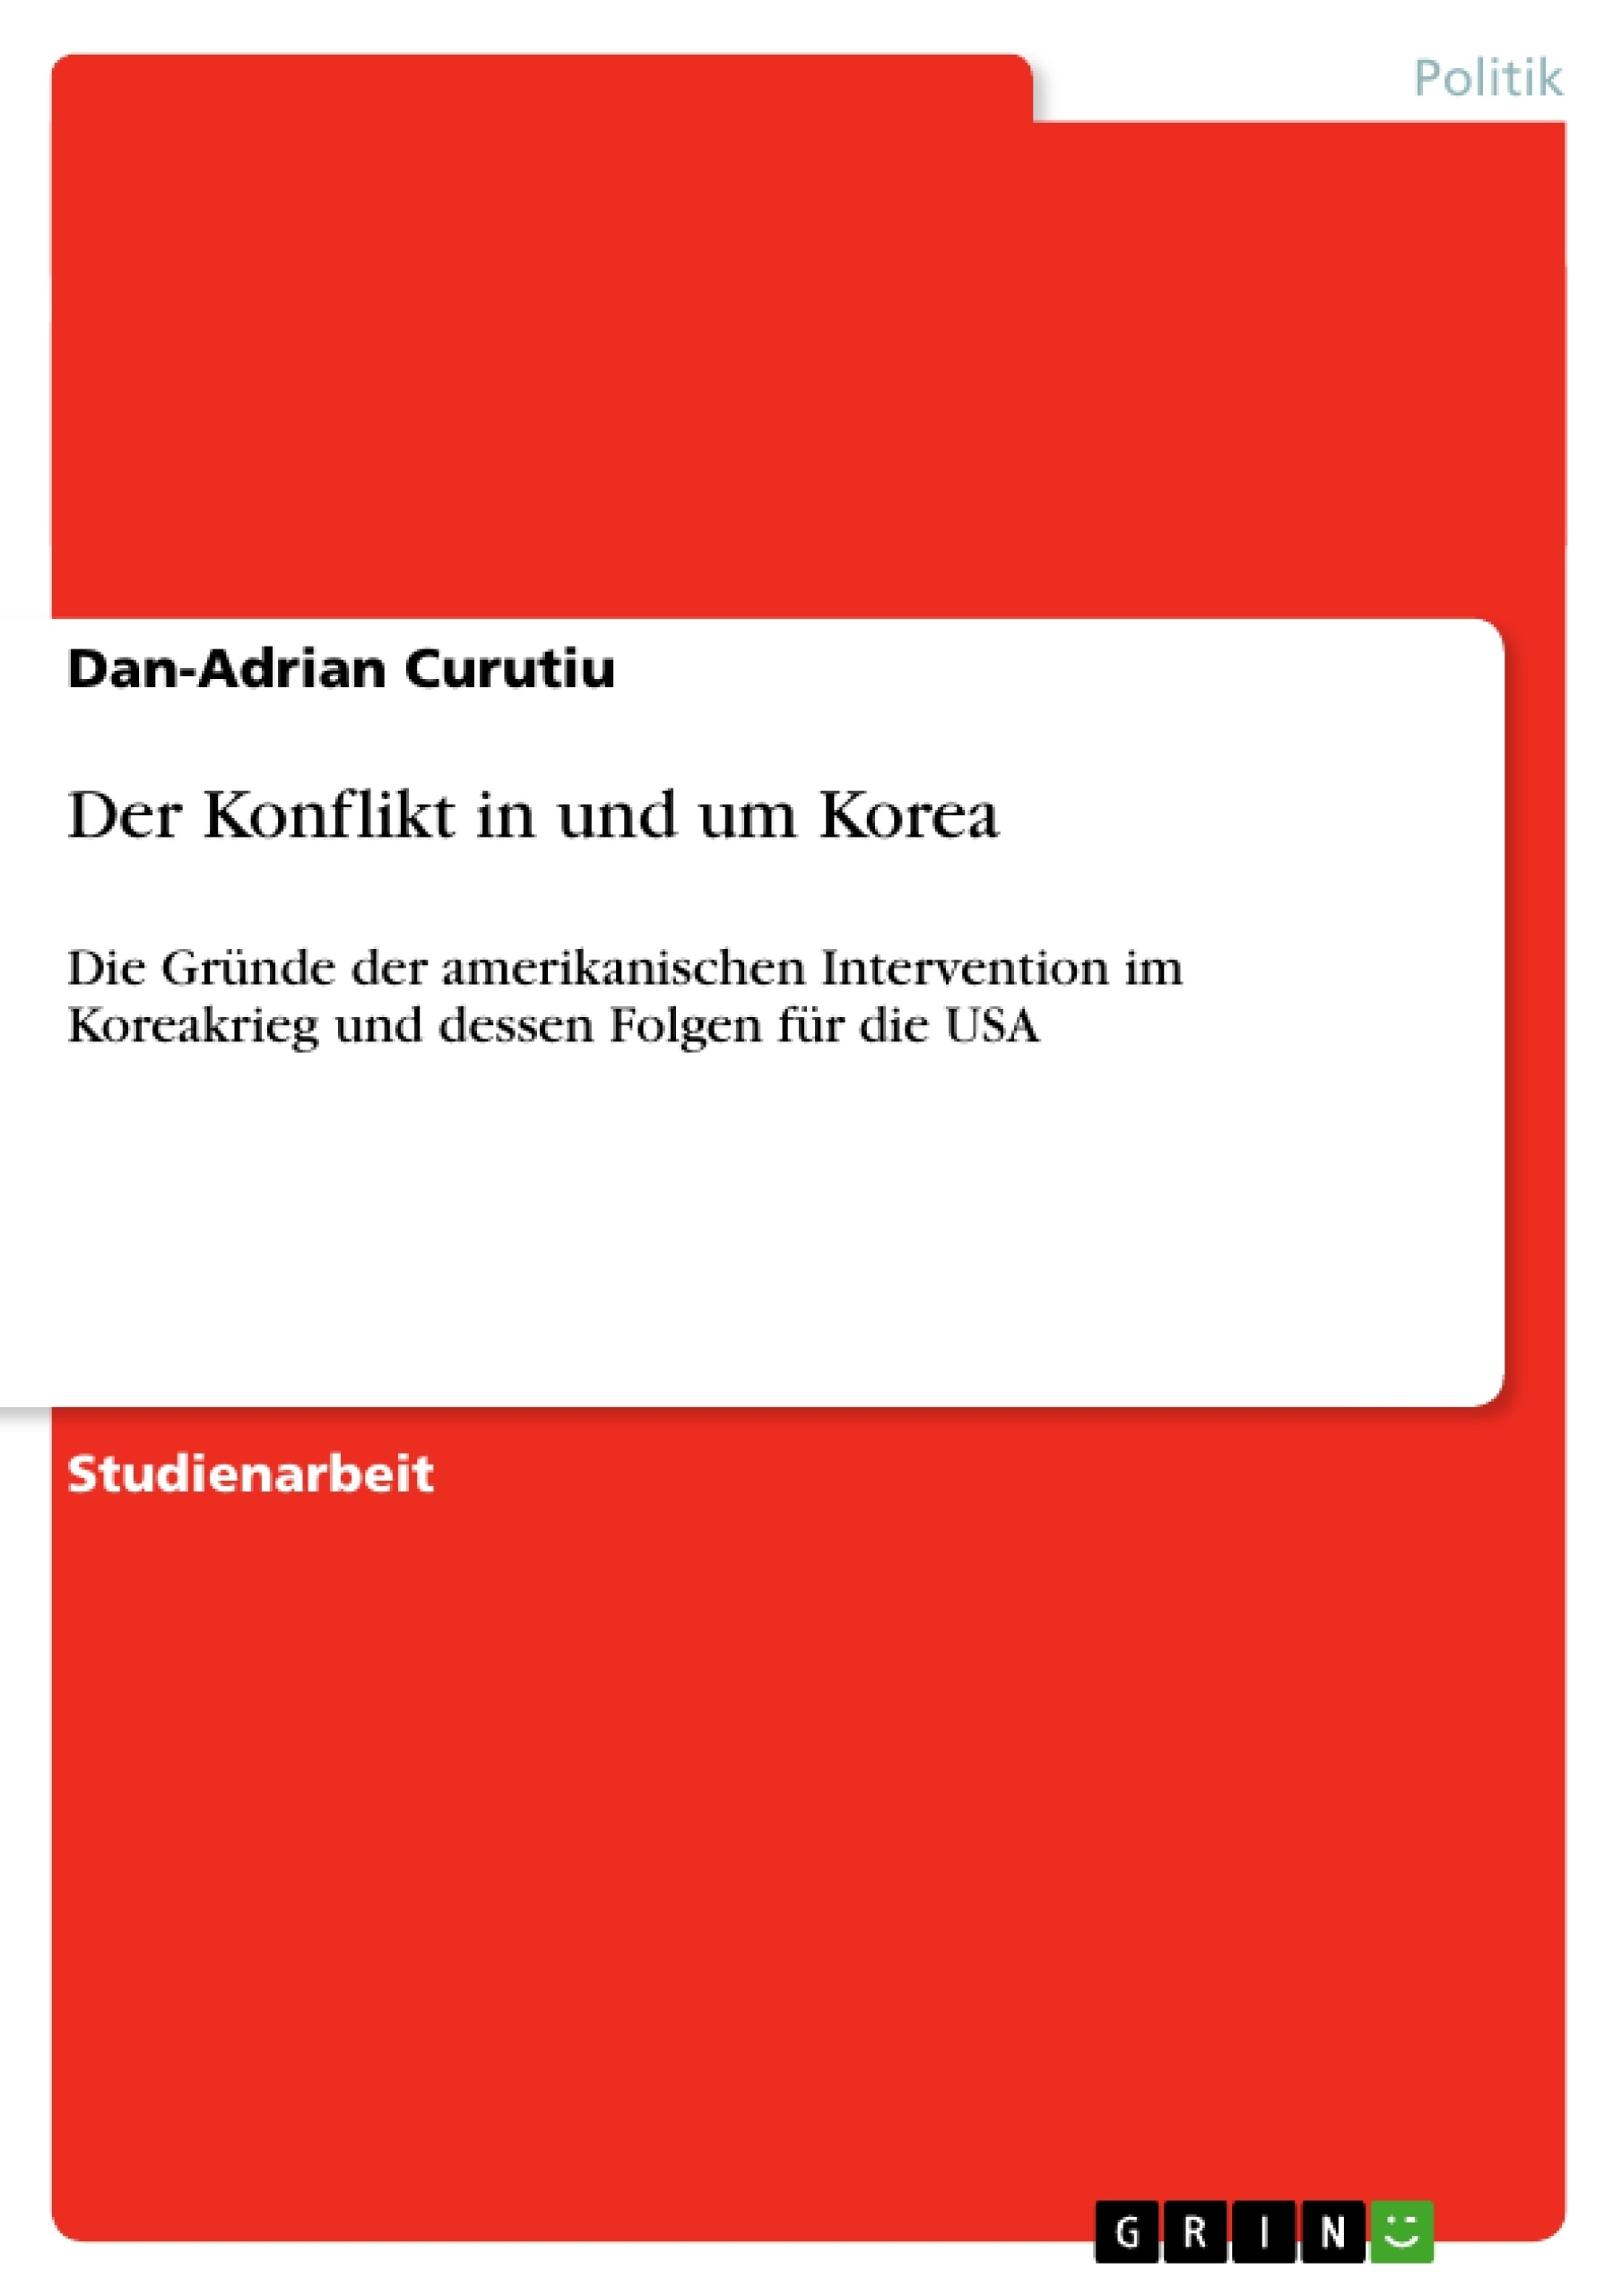 Titel: Der Konflikt in und um Korea